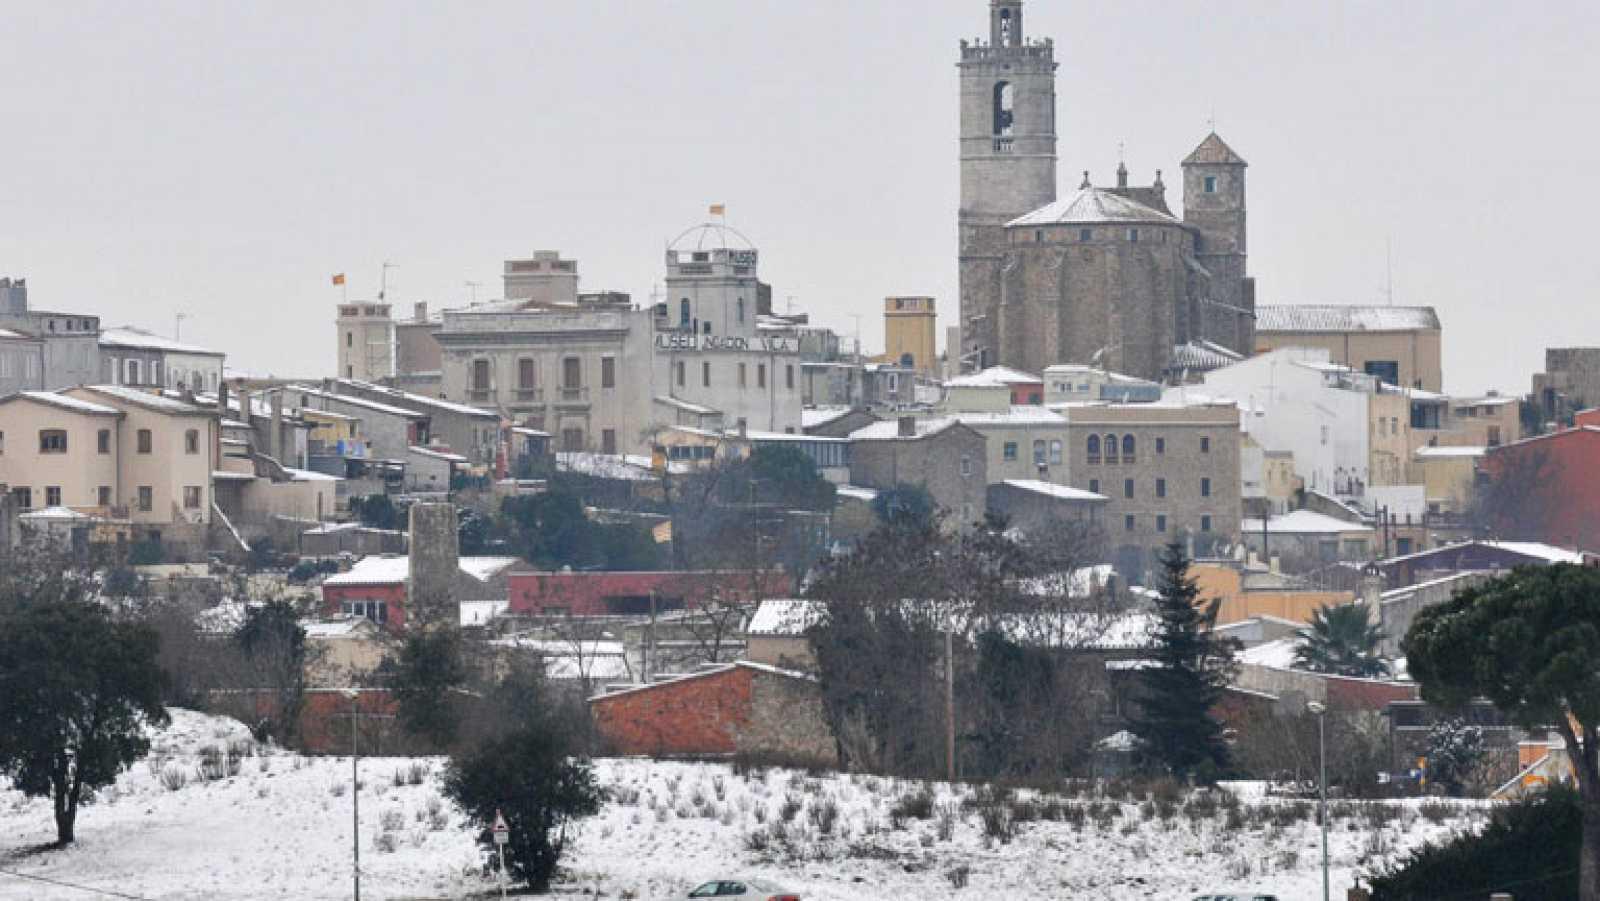 Desactivada la alerta por nieve en Cataluña pero se mantiene por bajas temperaturas